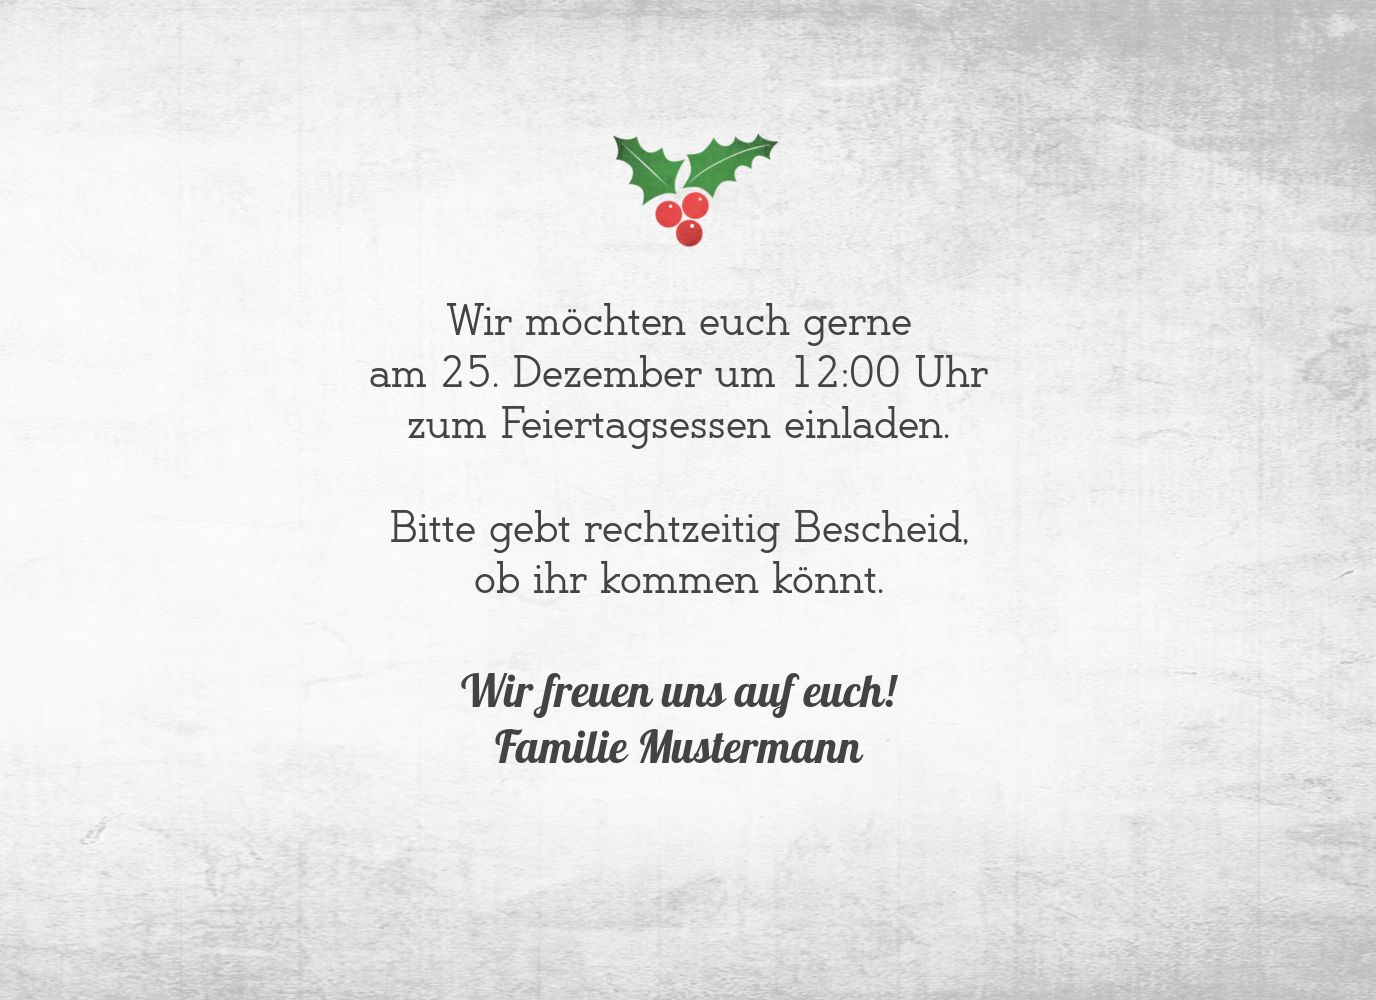 Ansicht 5 - Foto Einladung Merry Christmas